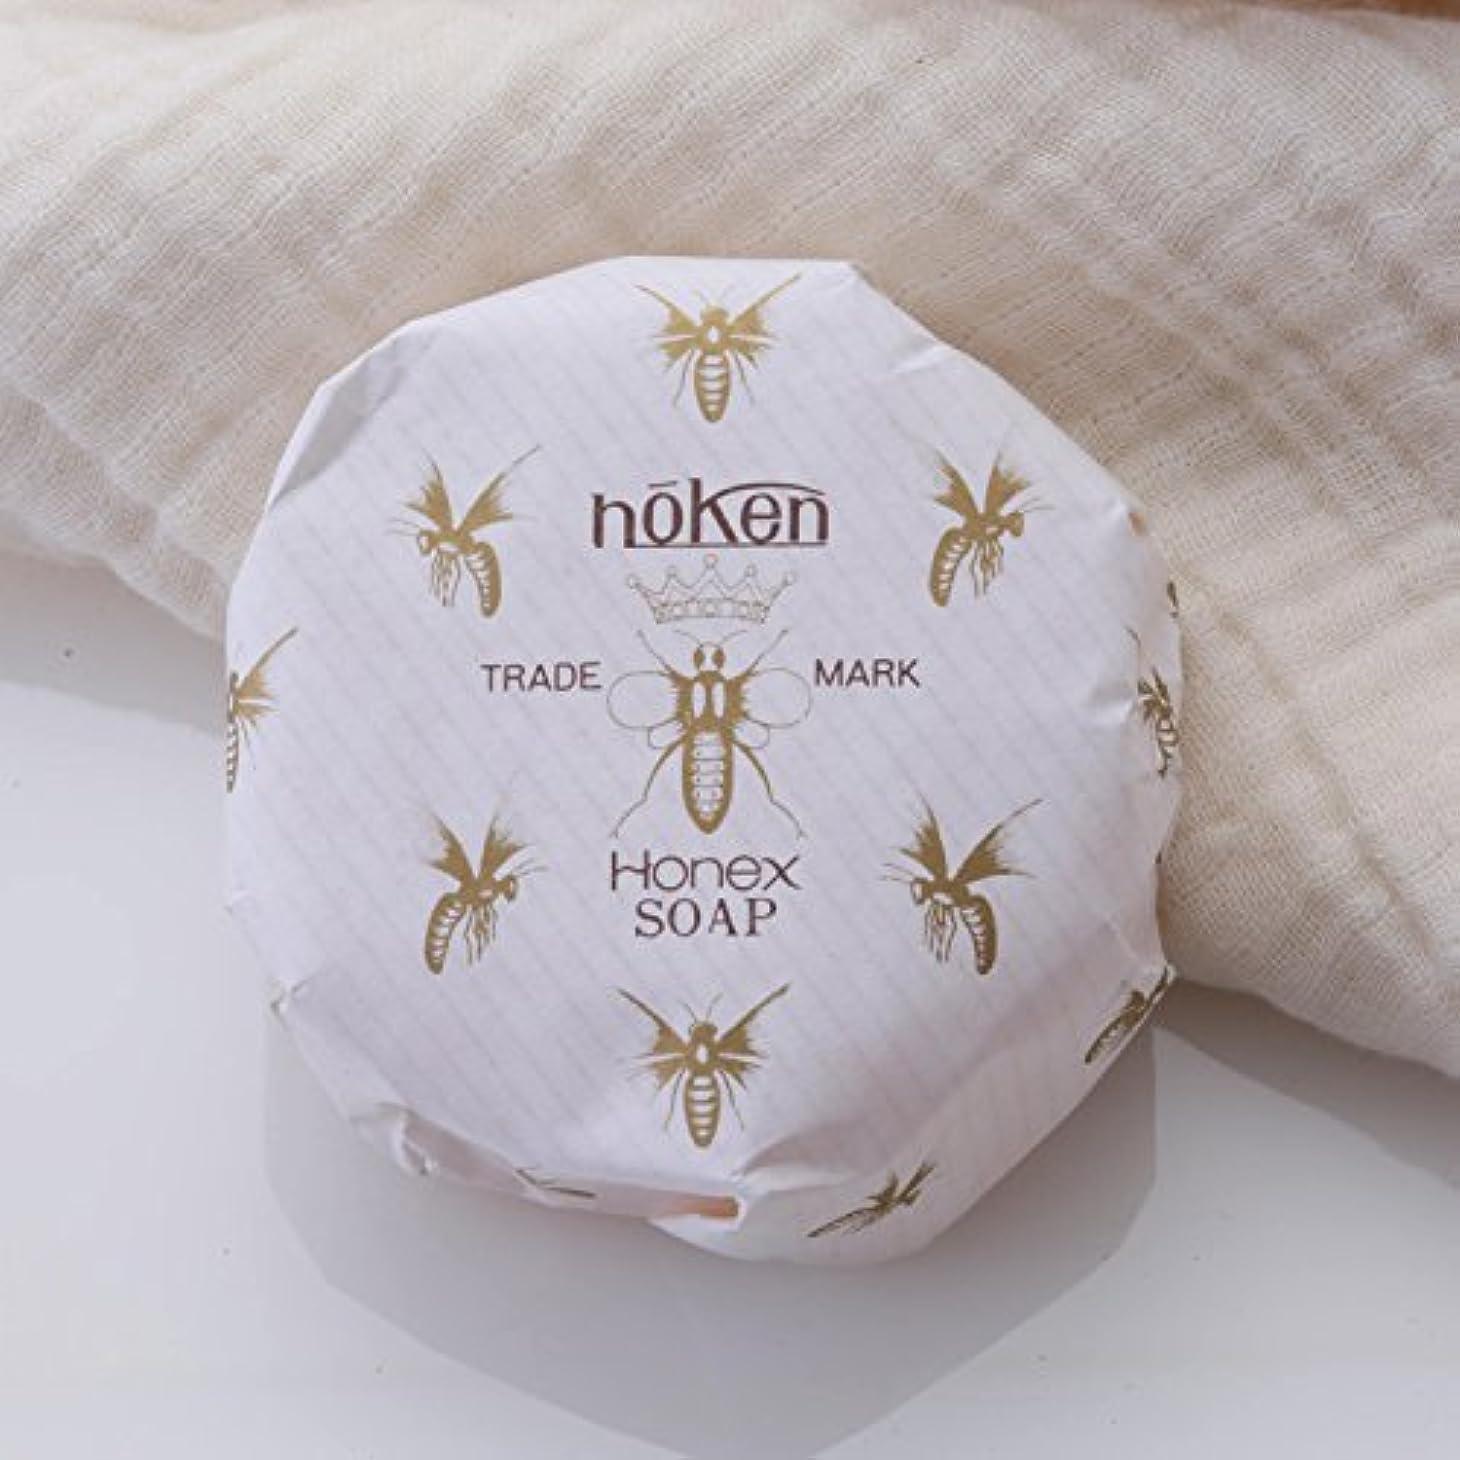 フィクションわな残るHOKEN/HONEYX ソープ 大